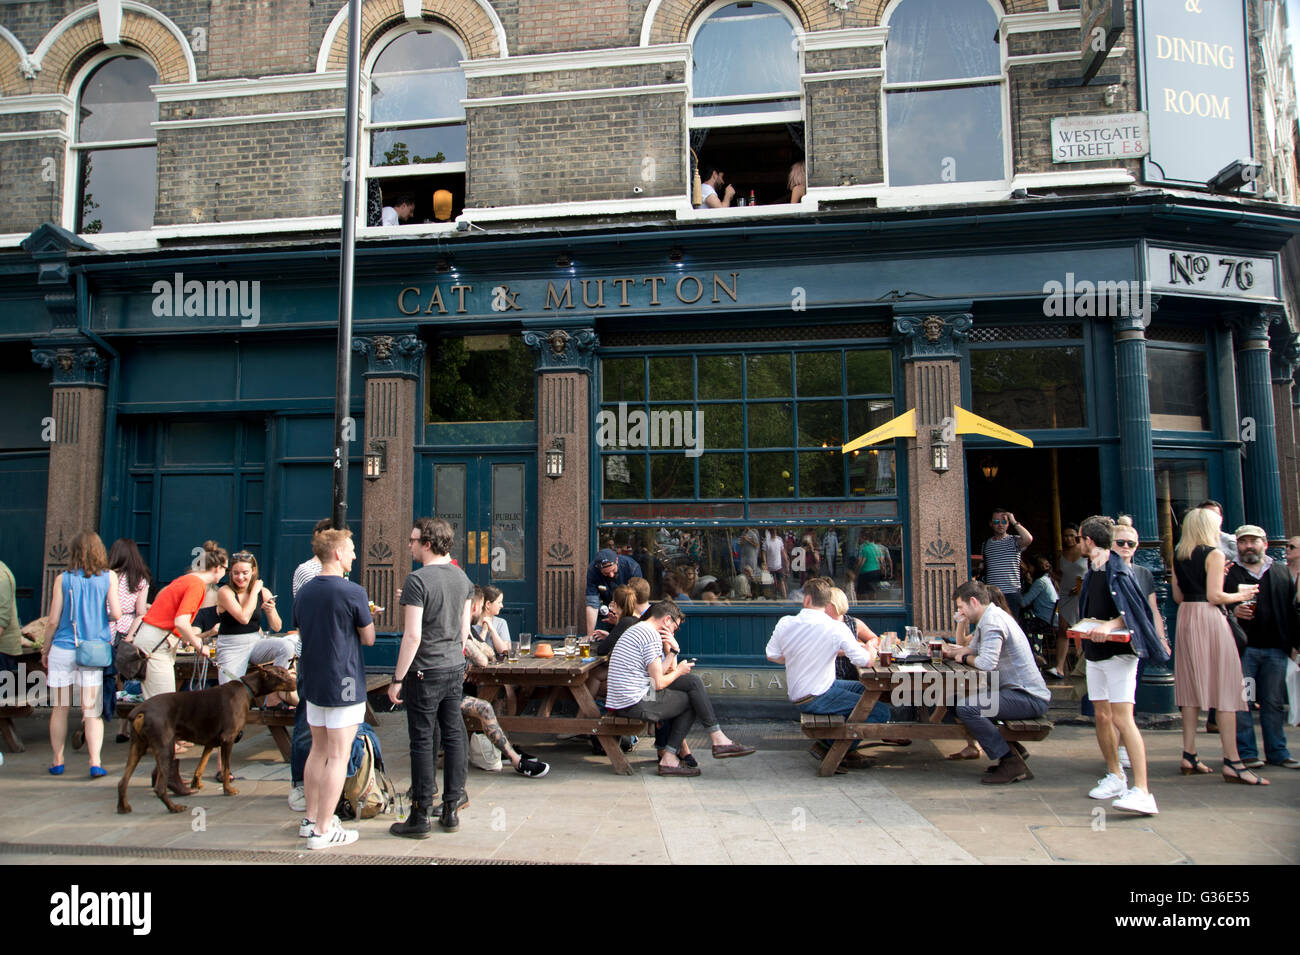 Hackney. Broadway Market. Cat y de cordero, pub. Imagen De Stock